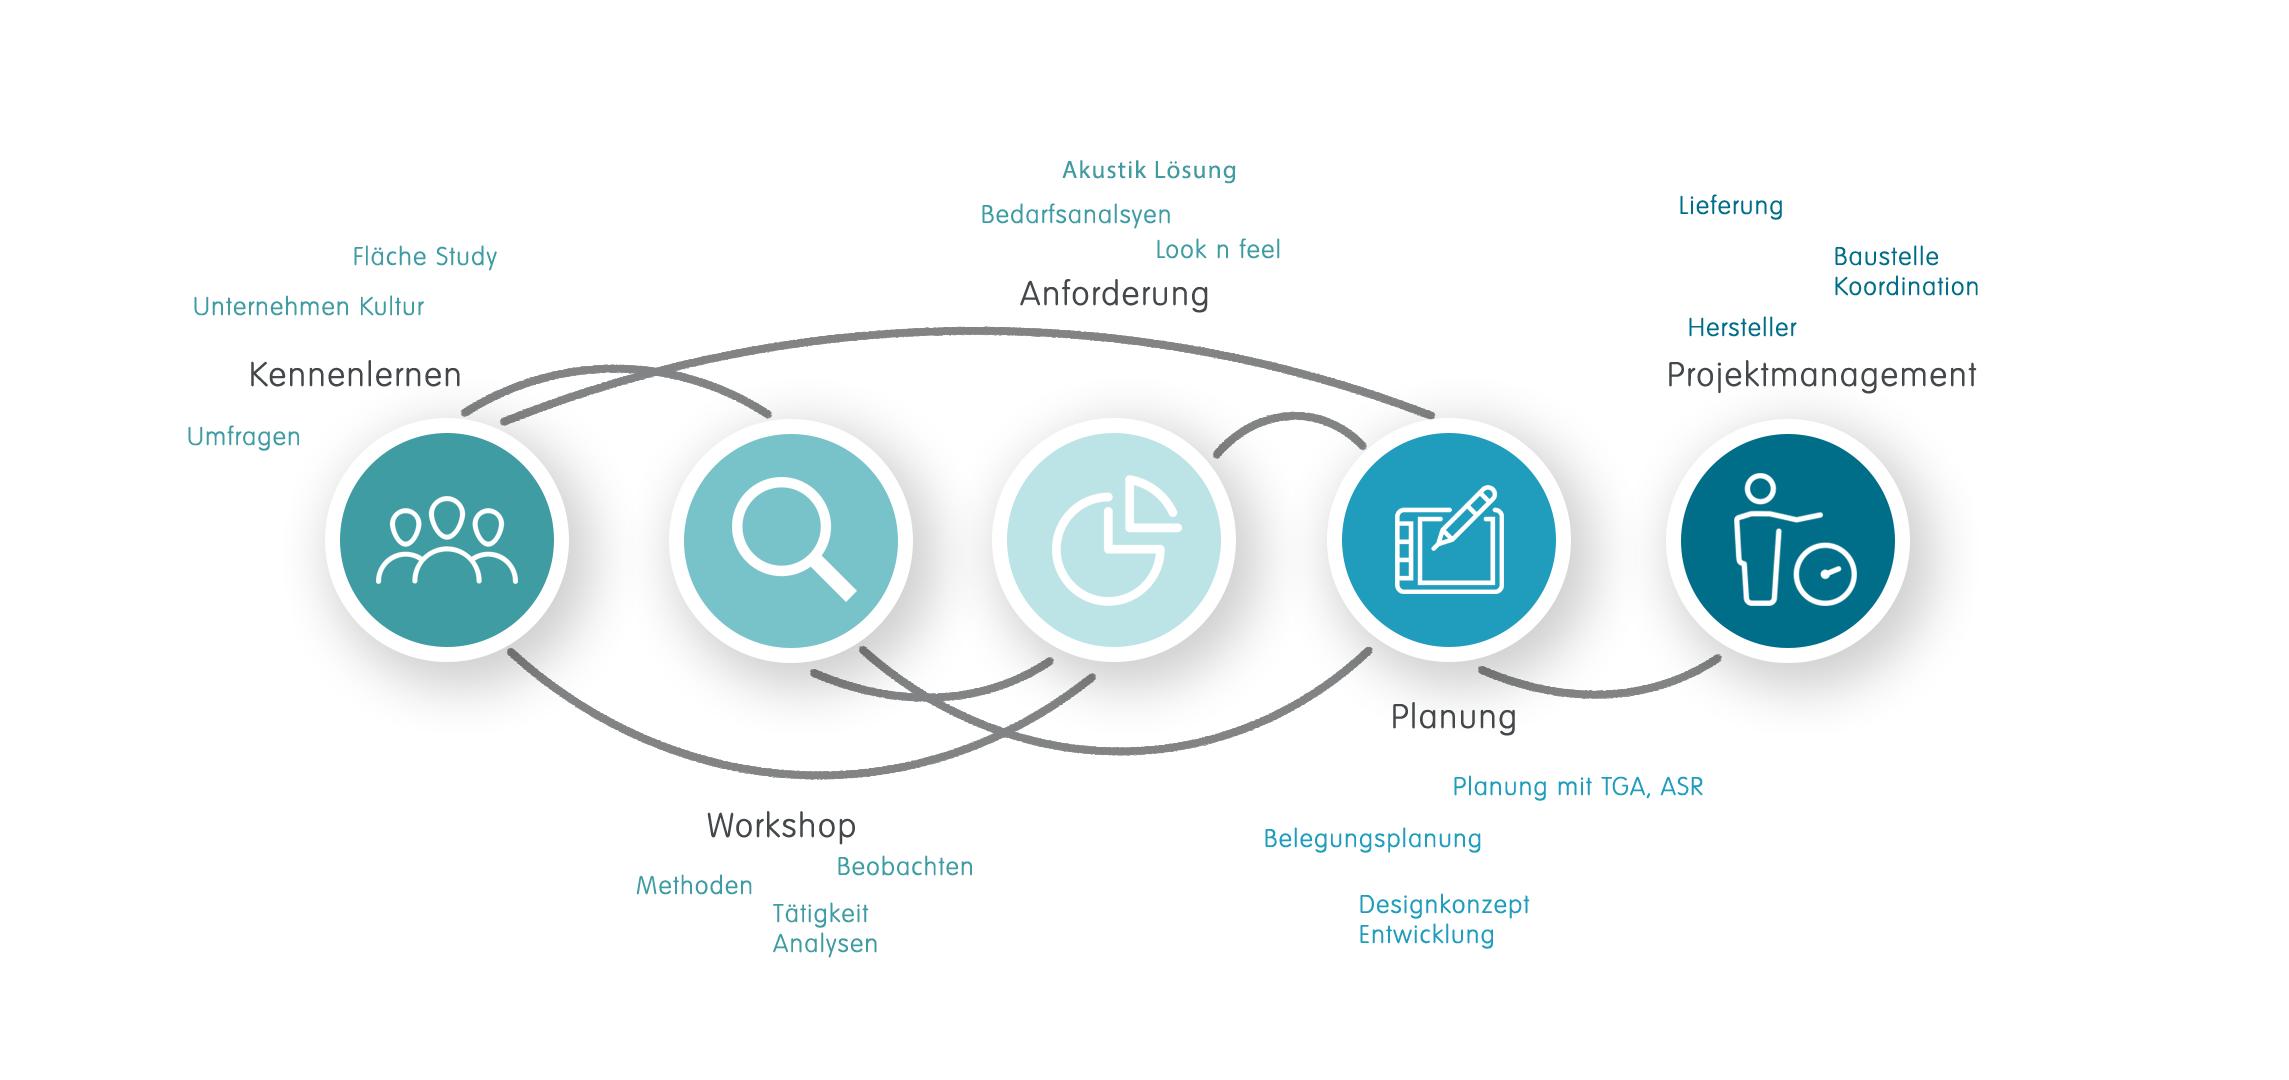 Büroplanung Konzept